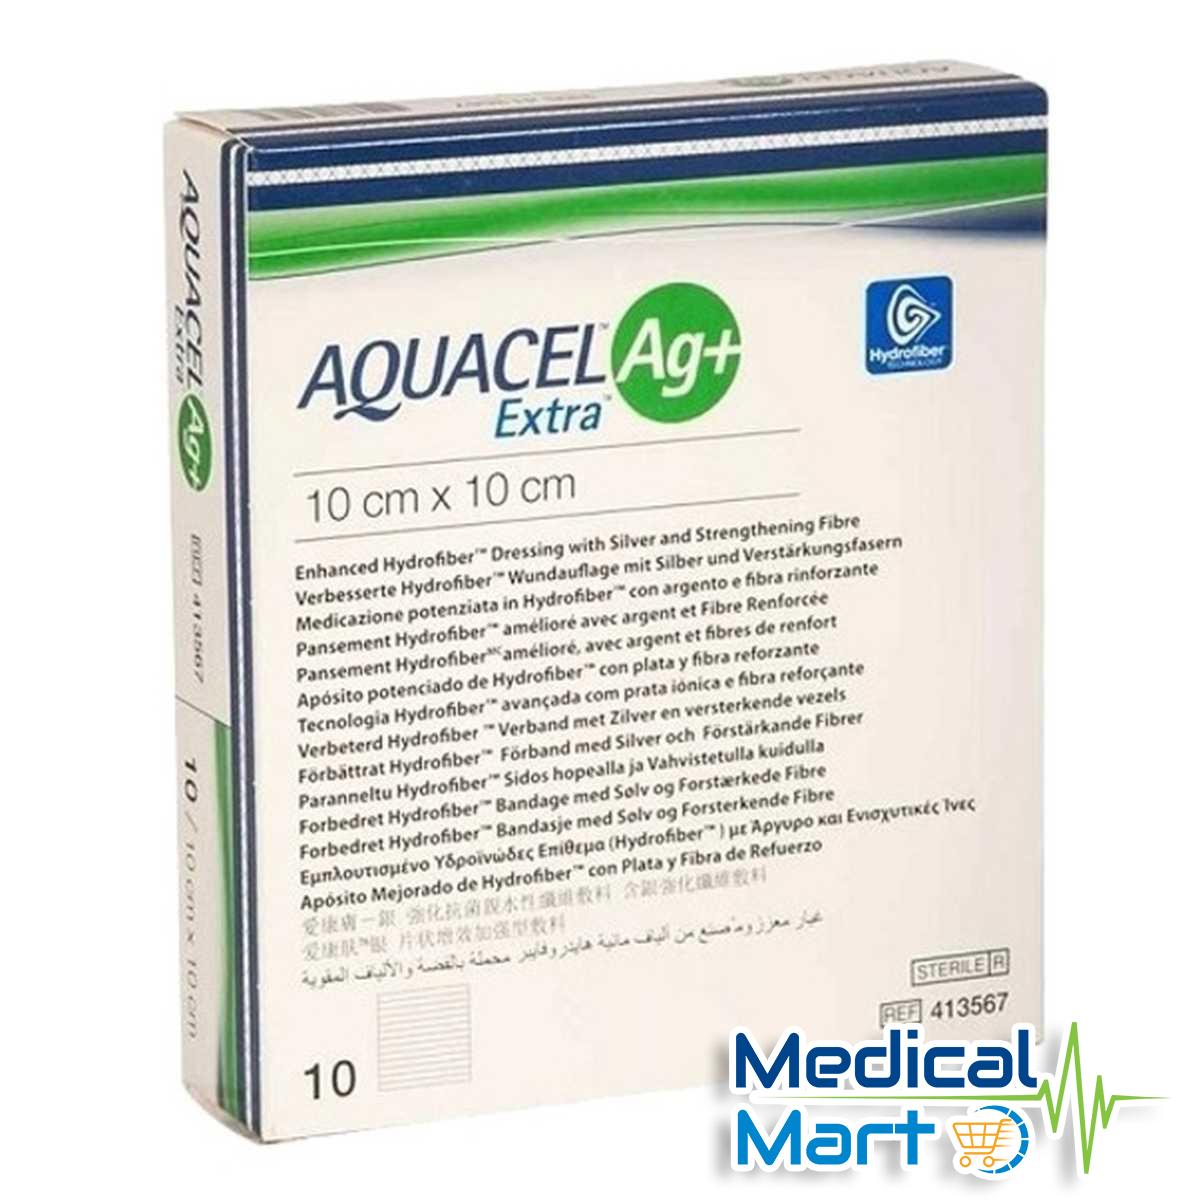 Aquacel Ag+ Extra 10cm x 10cm